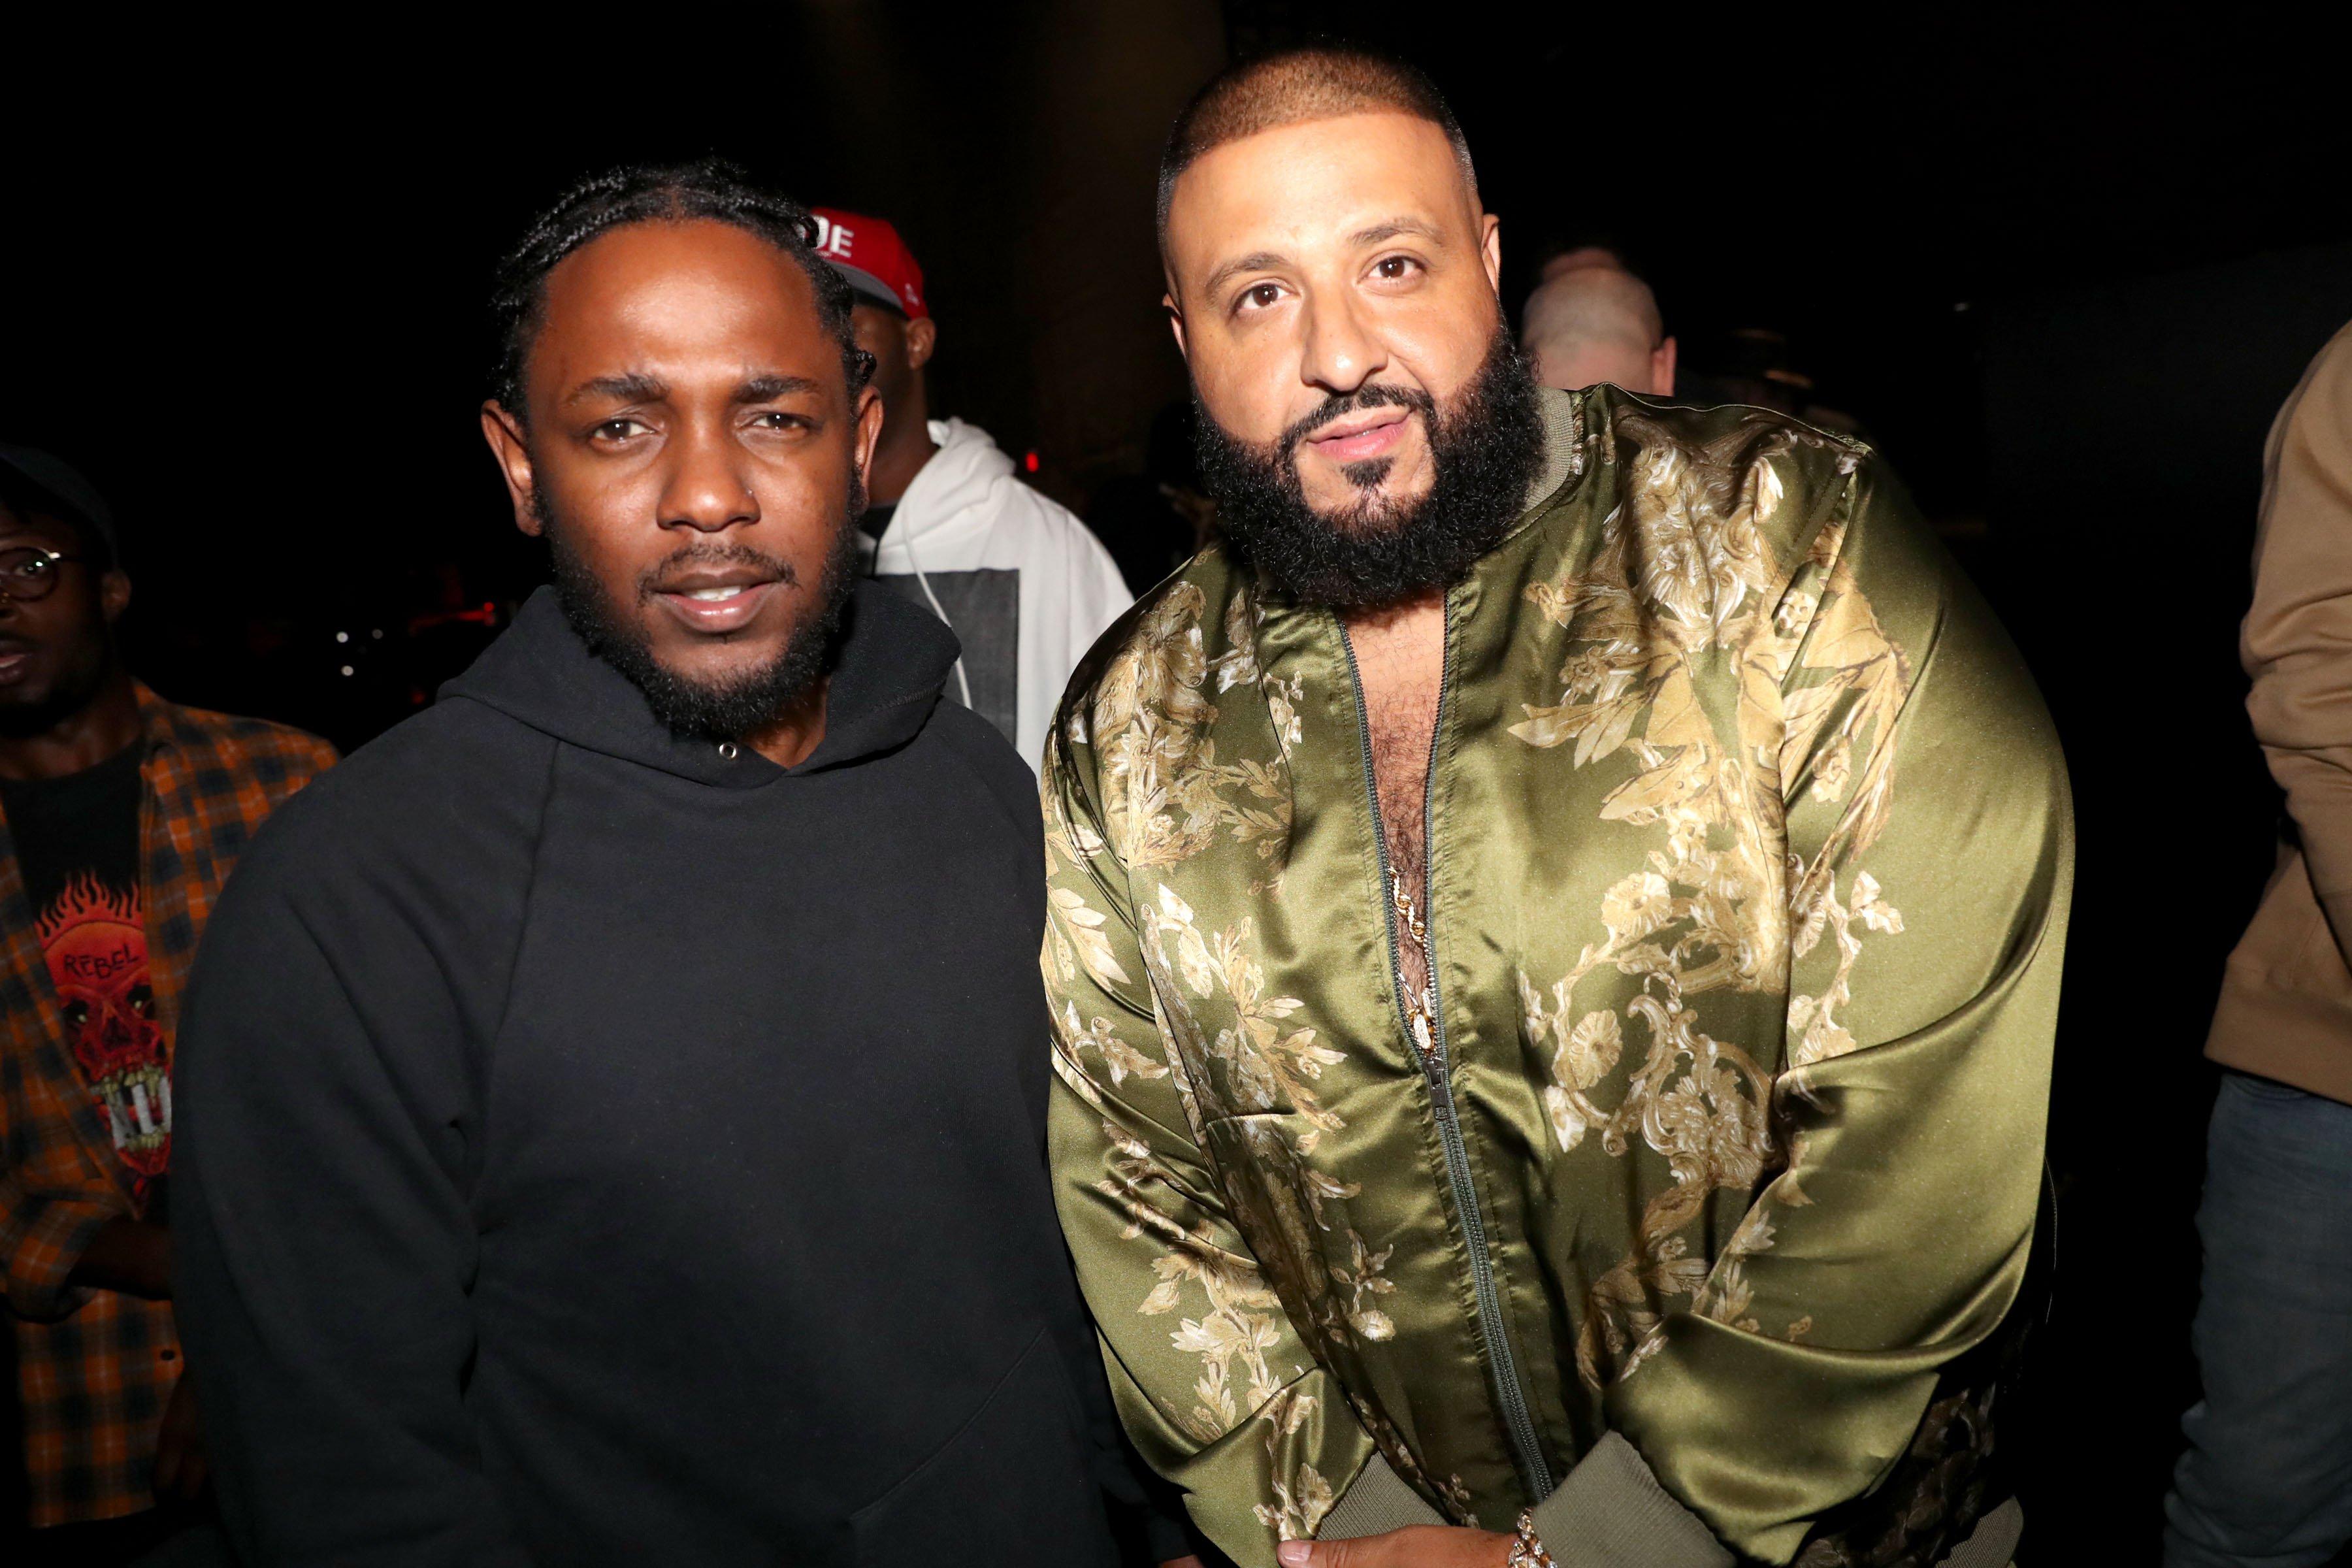 Kendrick Lamar and DJ Khaled September 17, 2016 BET Hip Hop awards